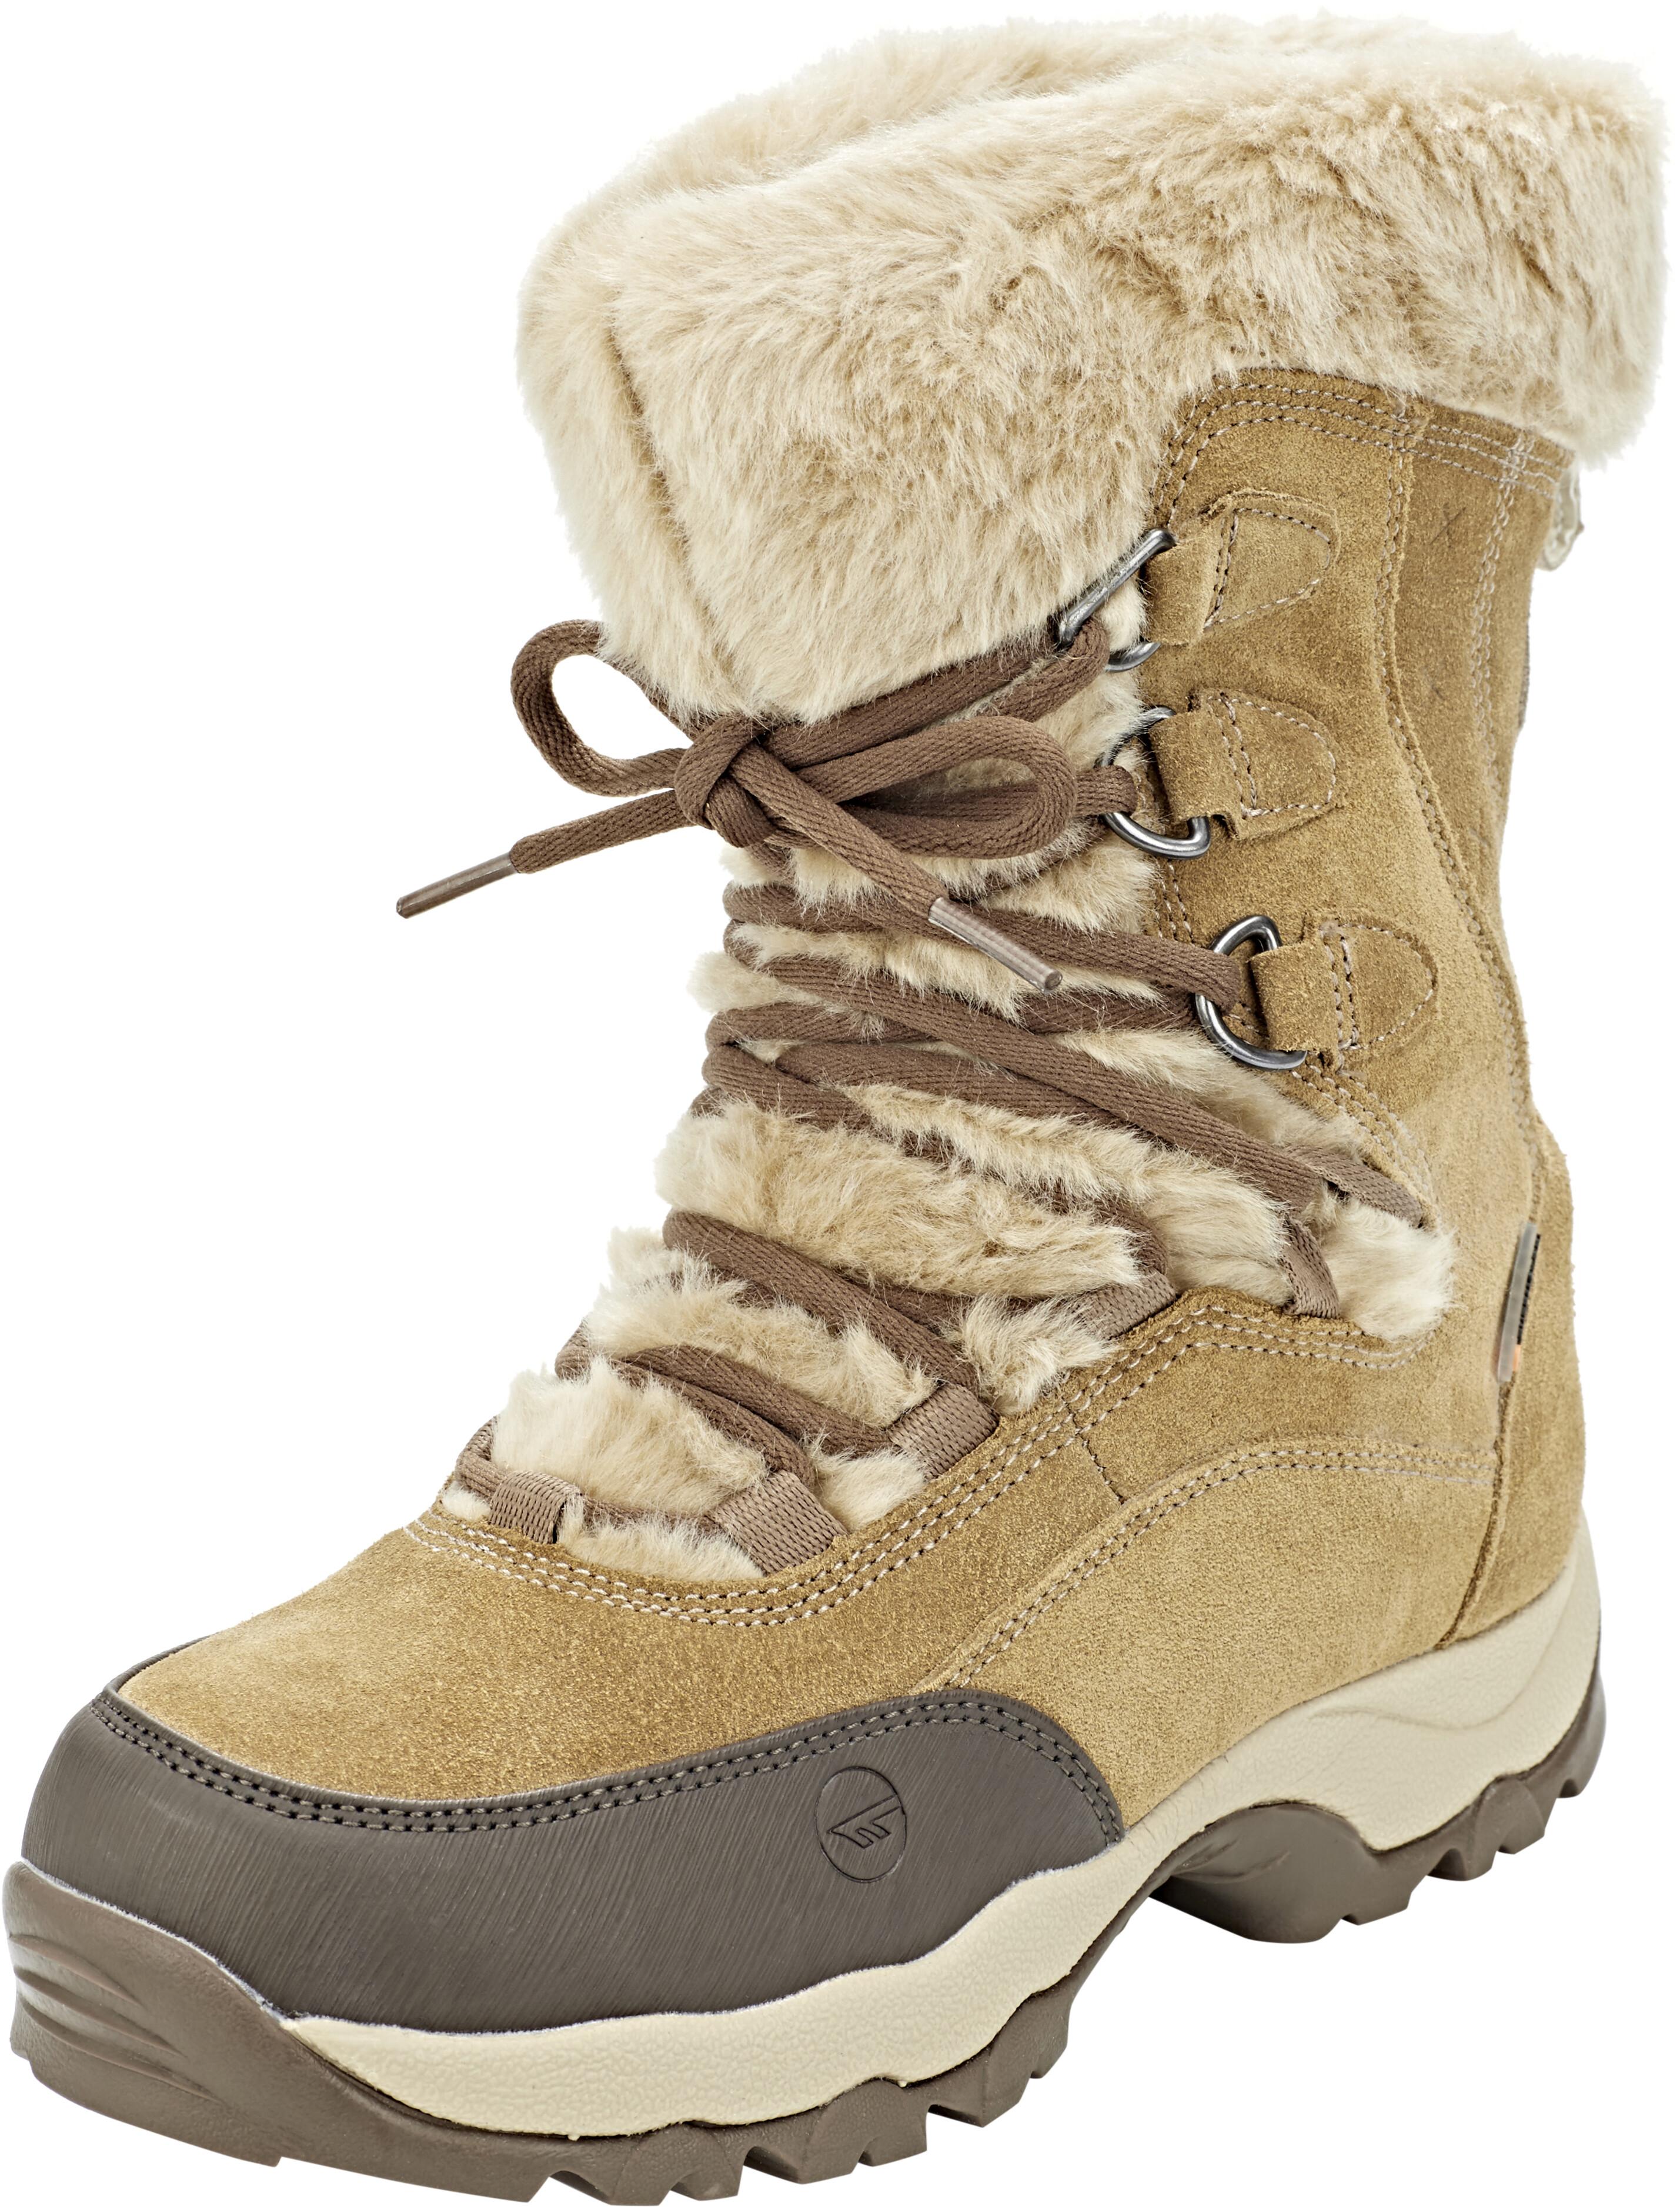 48782eafa4f Hi-Tec St. Moritz 200 WP II Boots Women brown/cream